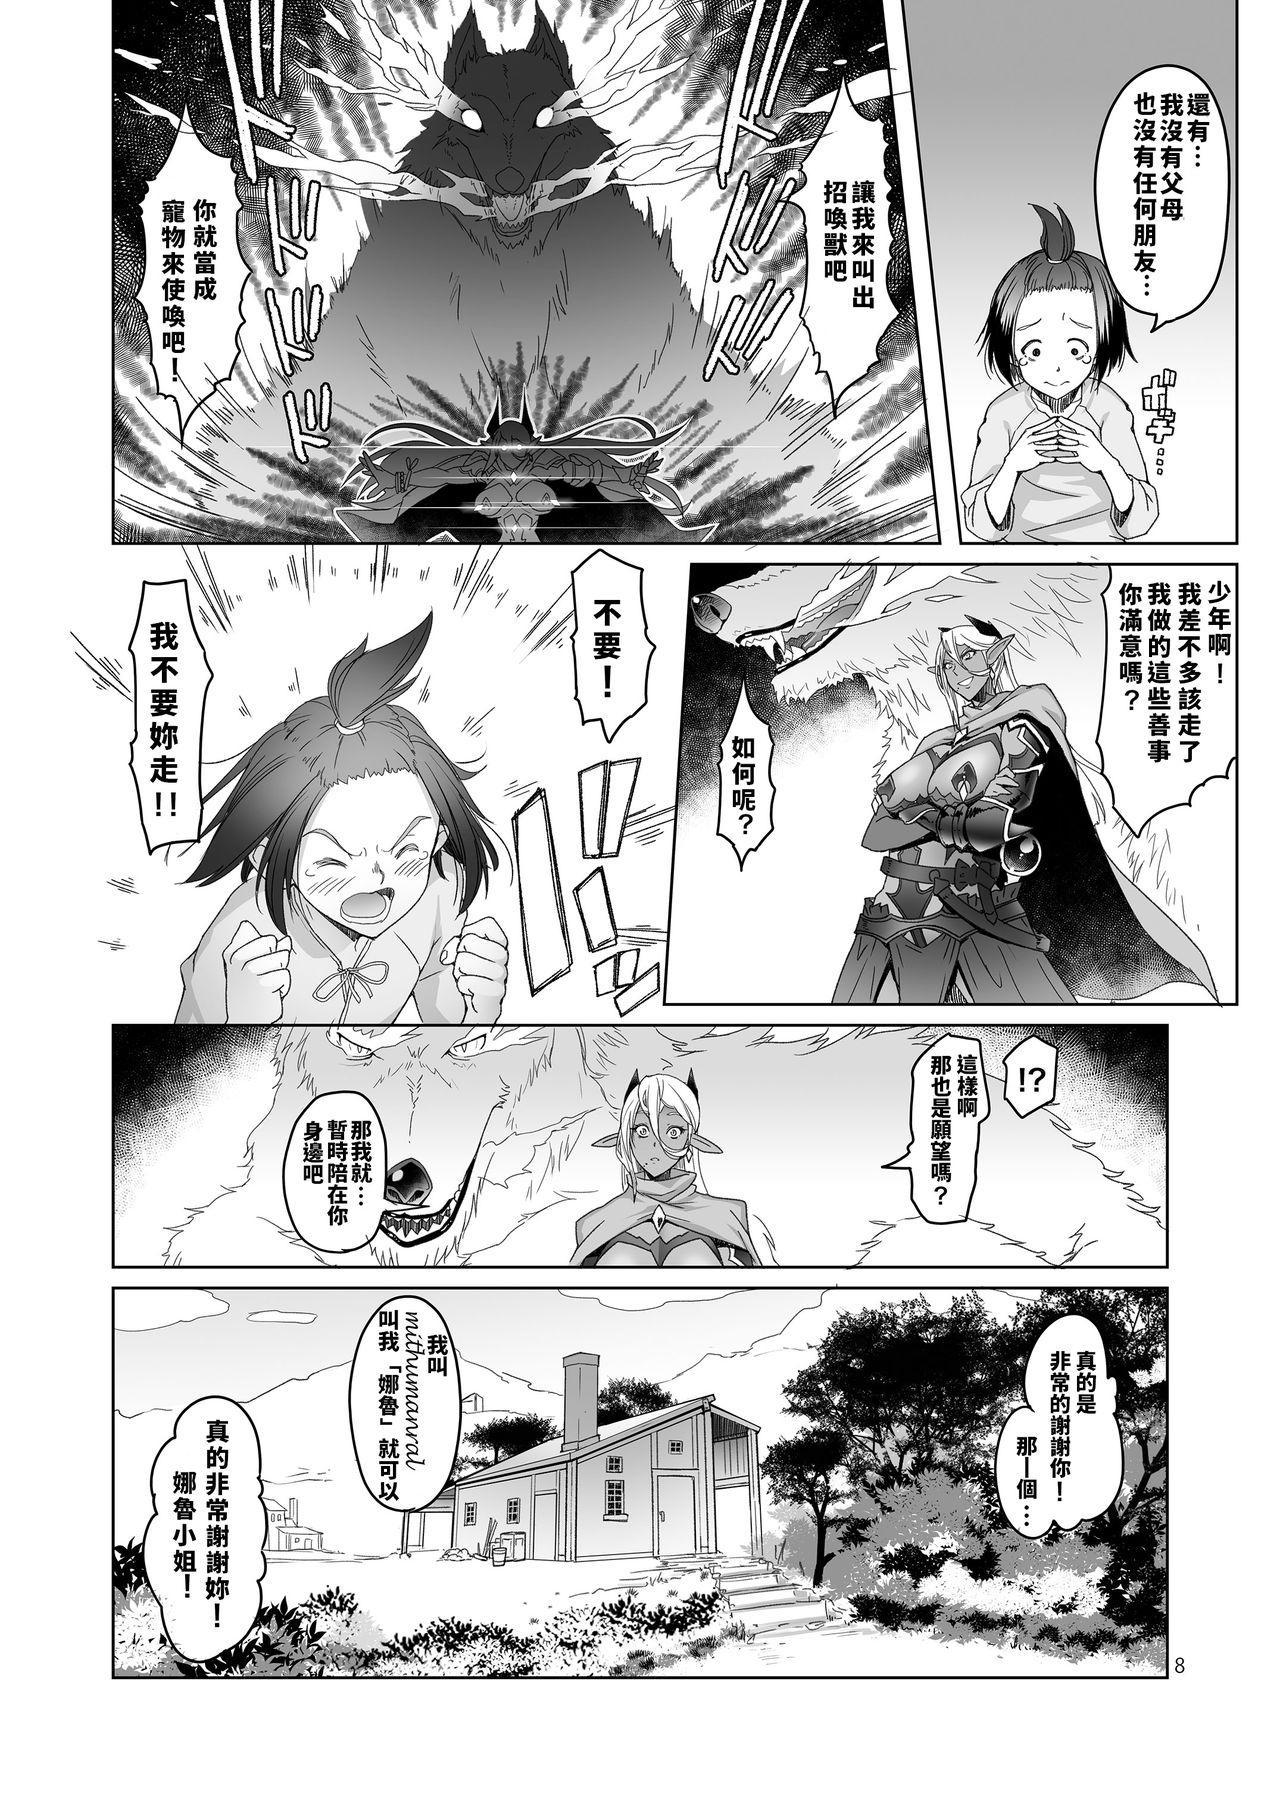 Dark Elf to Yorozu no Zenkou 7